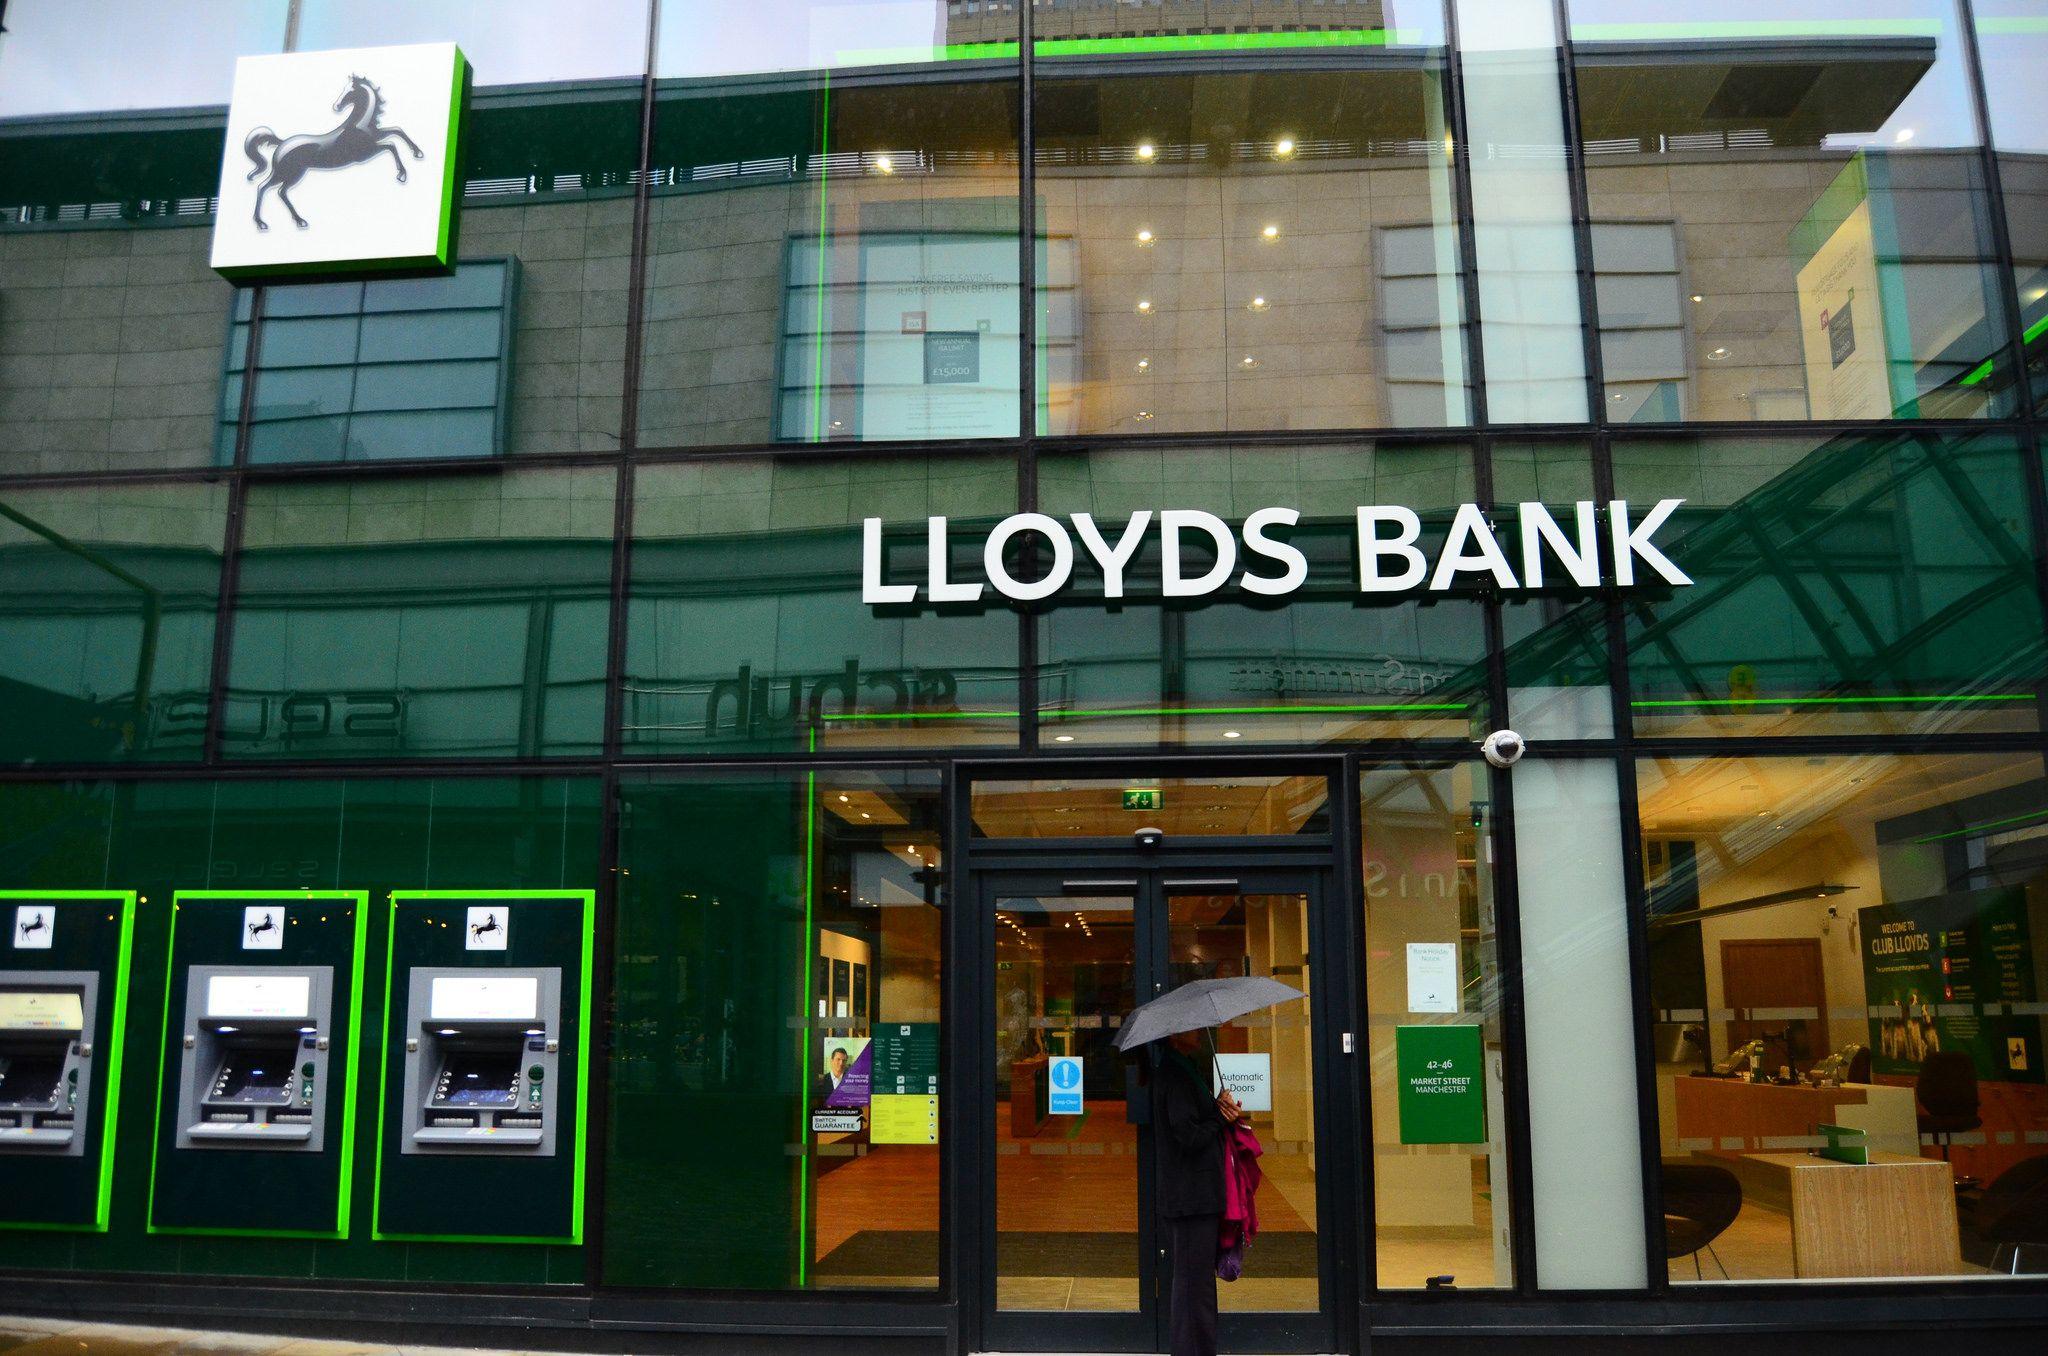 Lloyds Bank Confirms Branch Closures And 9 000 Job Losses Descrier News Lloyds Bank Lloyds Banking Group Uk Banks